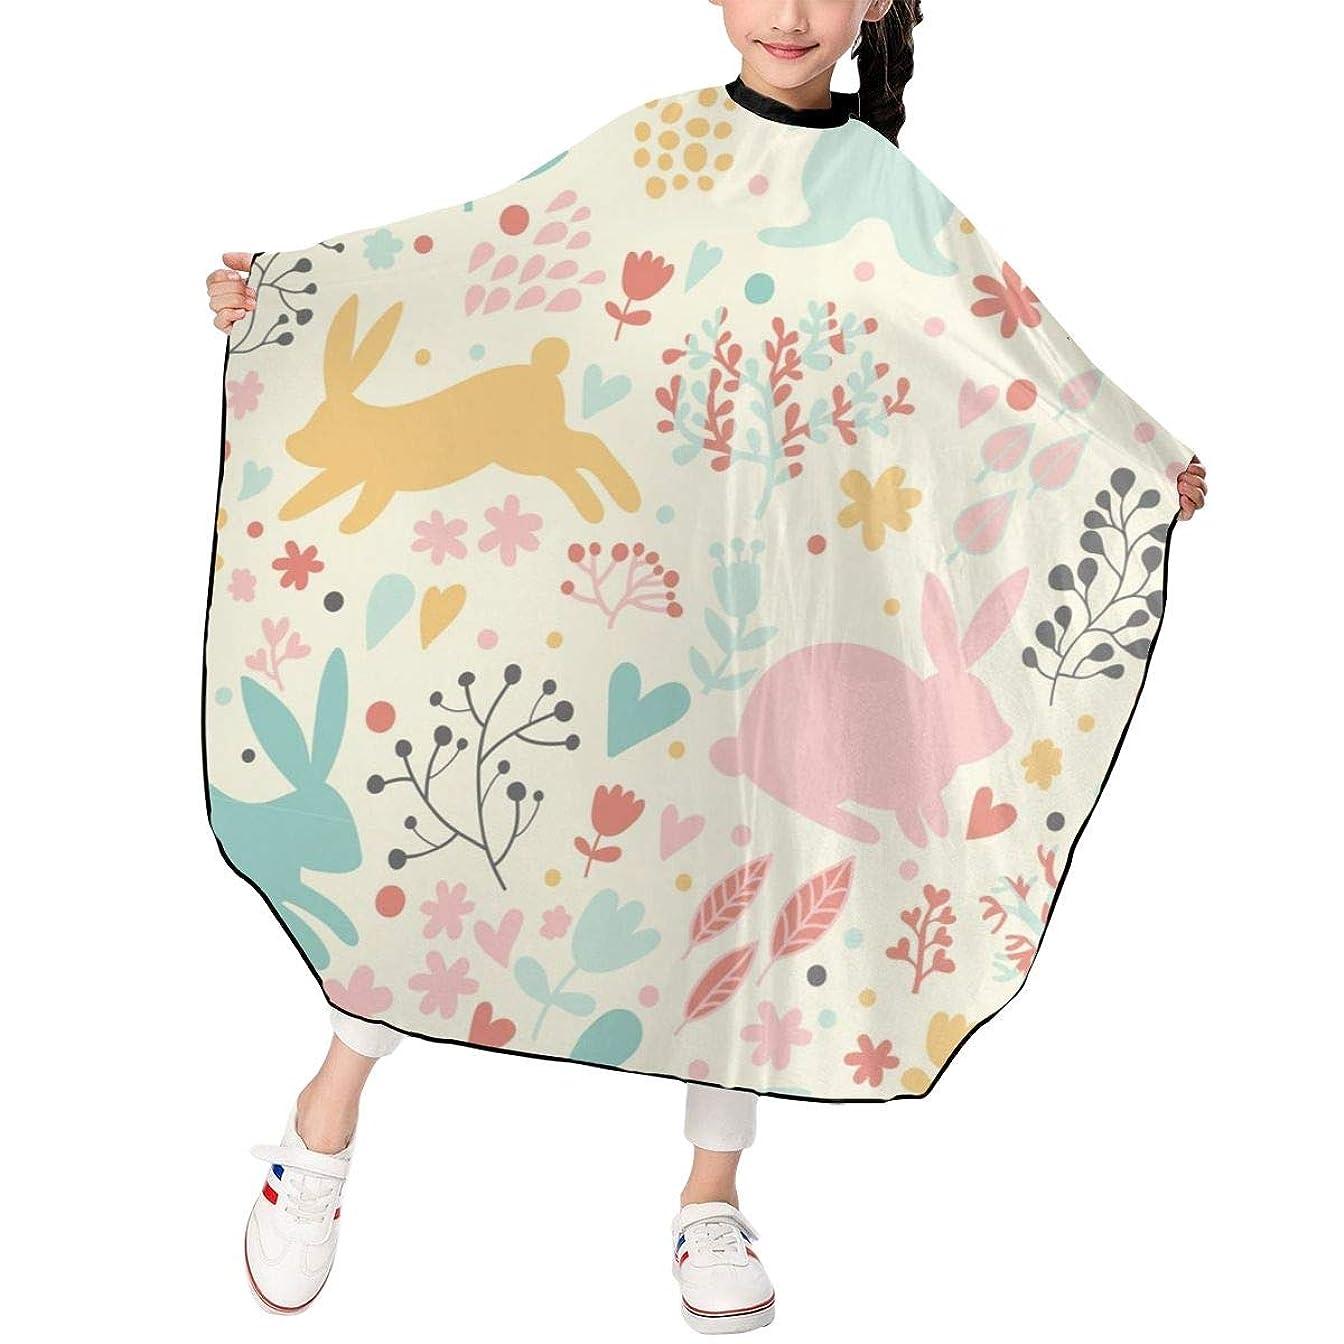 子供っぽい実証する解明するウサギと花柄 シルエット 散髪ケープ ヘアーエプロン キッズ ヘアカット 自宅 美容室 理髪 操作やすい 散髪 撥水加工 静電気防止 柔らか 滑らか 高級感 ファッション 男女兼用 プレゼント